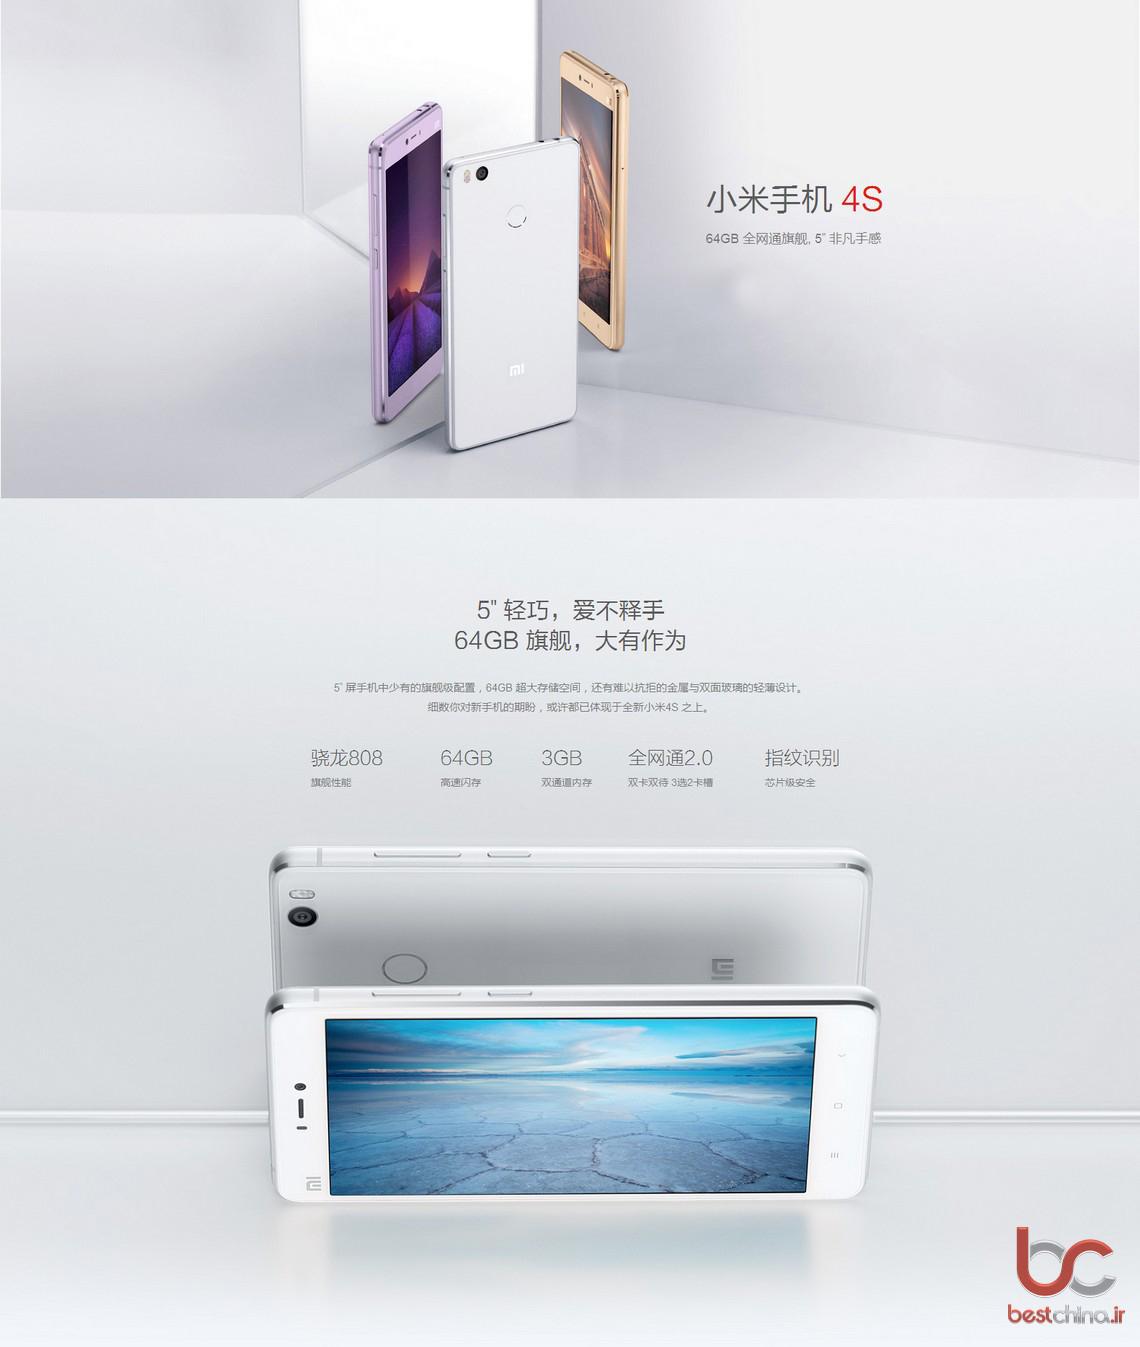 Xiaomi Mi 4s (01)